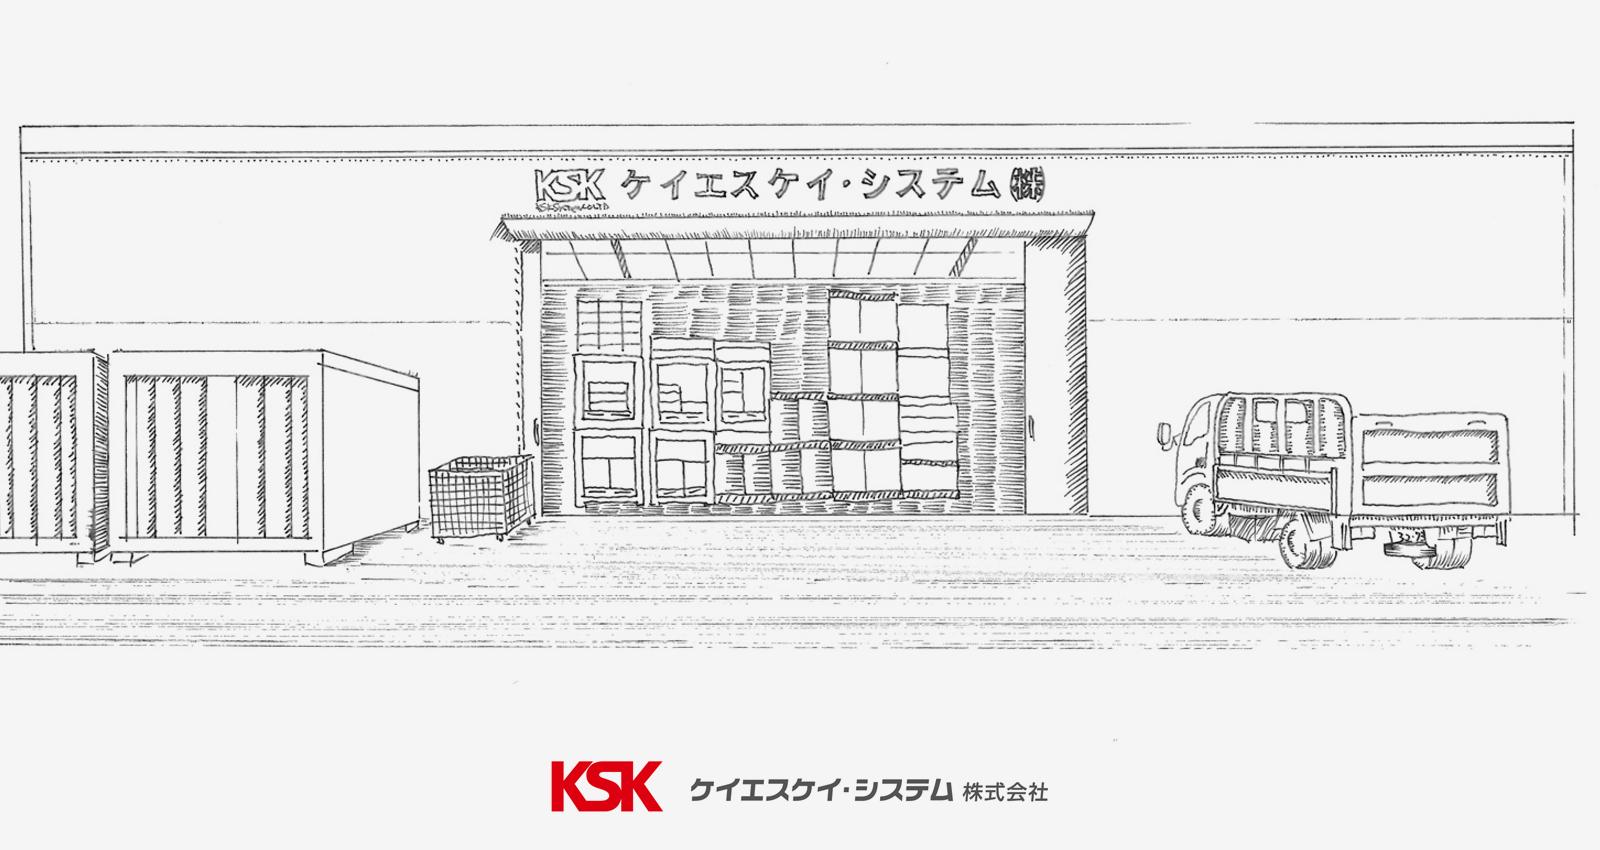 ケイエスケイ・システム株式会社